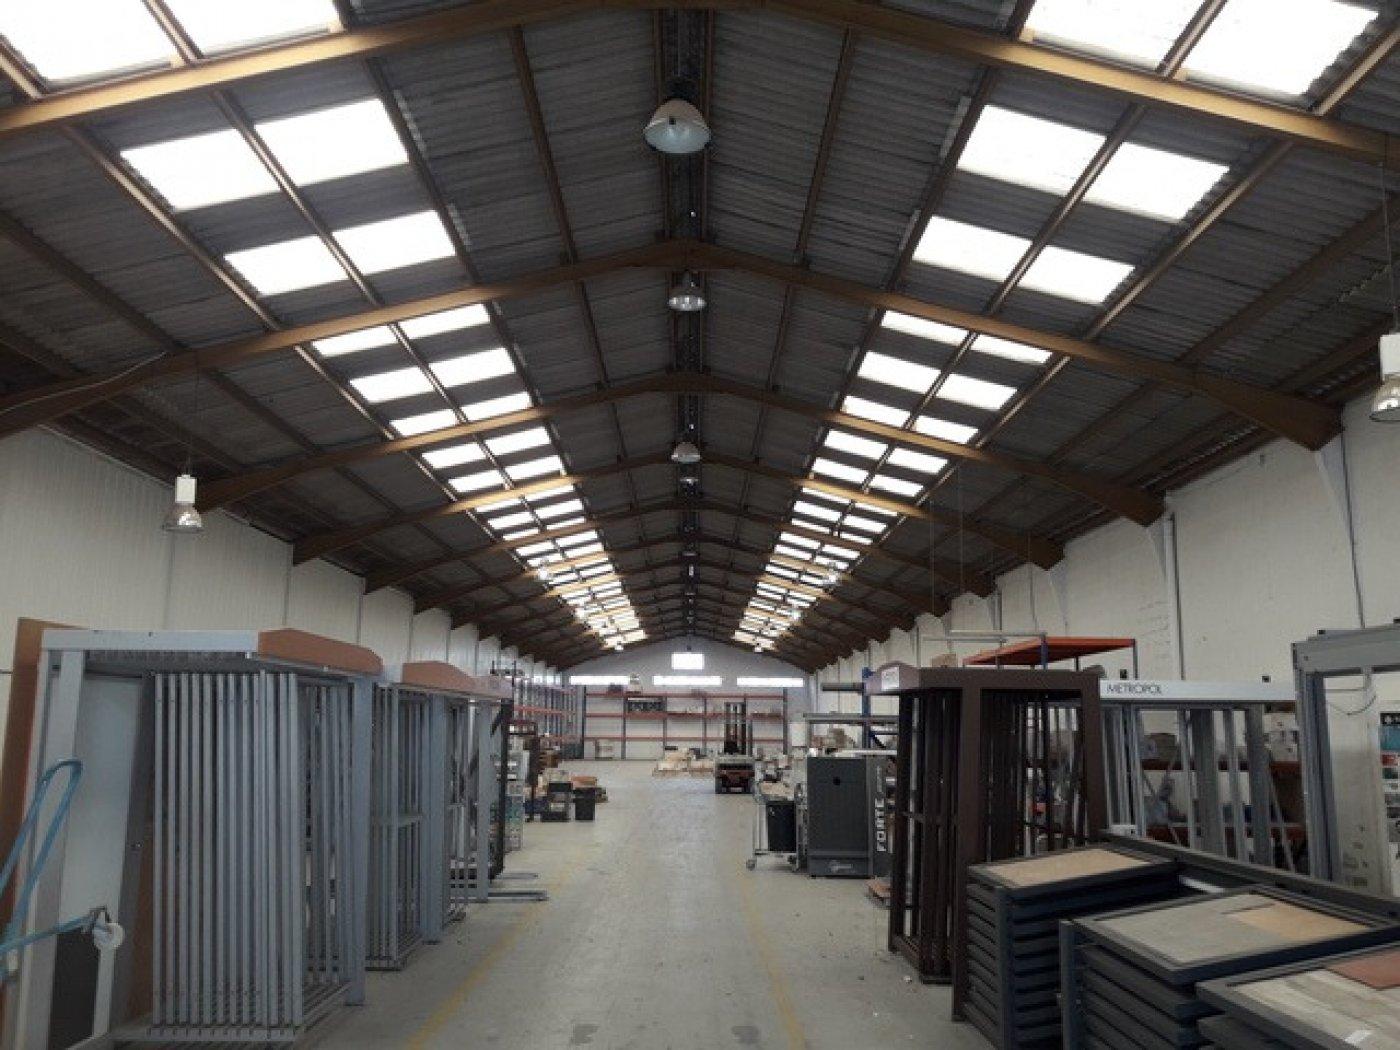 Rent Industrial building  Moncada ,moncada. Nave de gran dimension en muy buena zona en moncada!!!